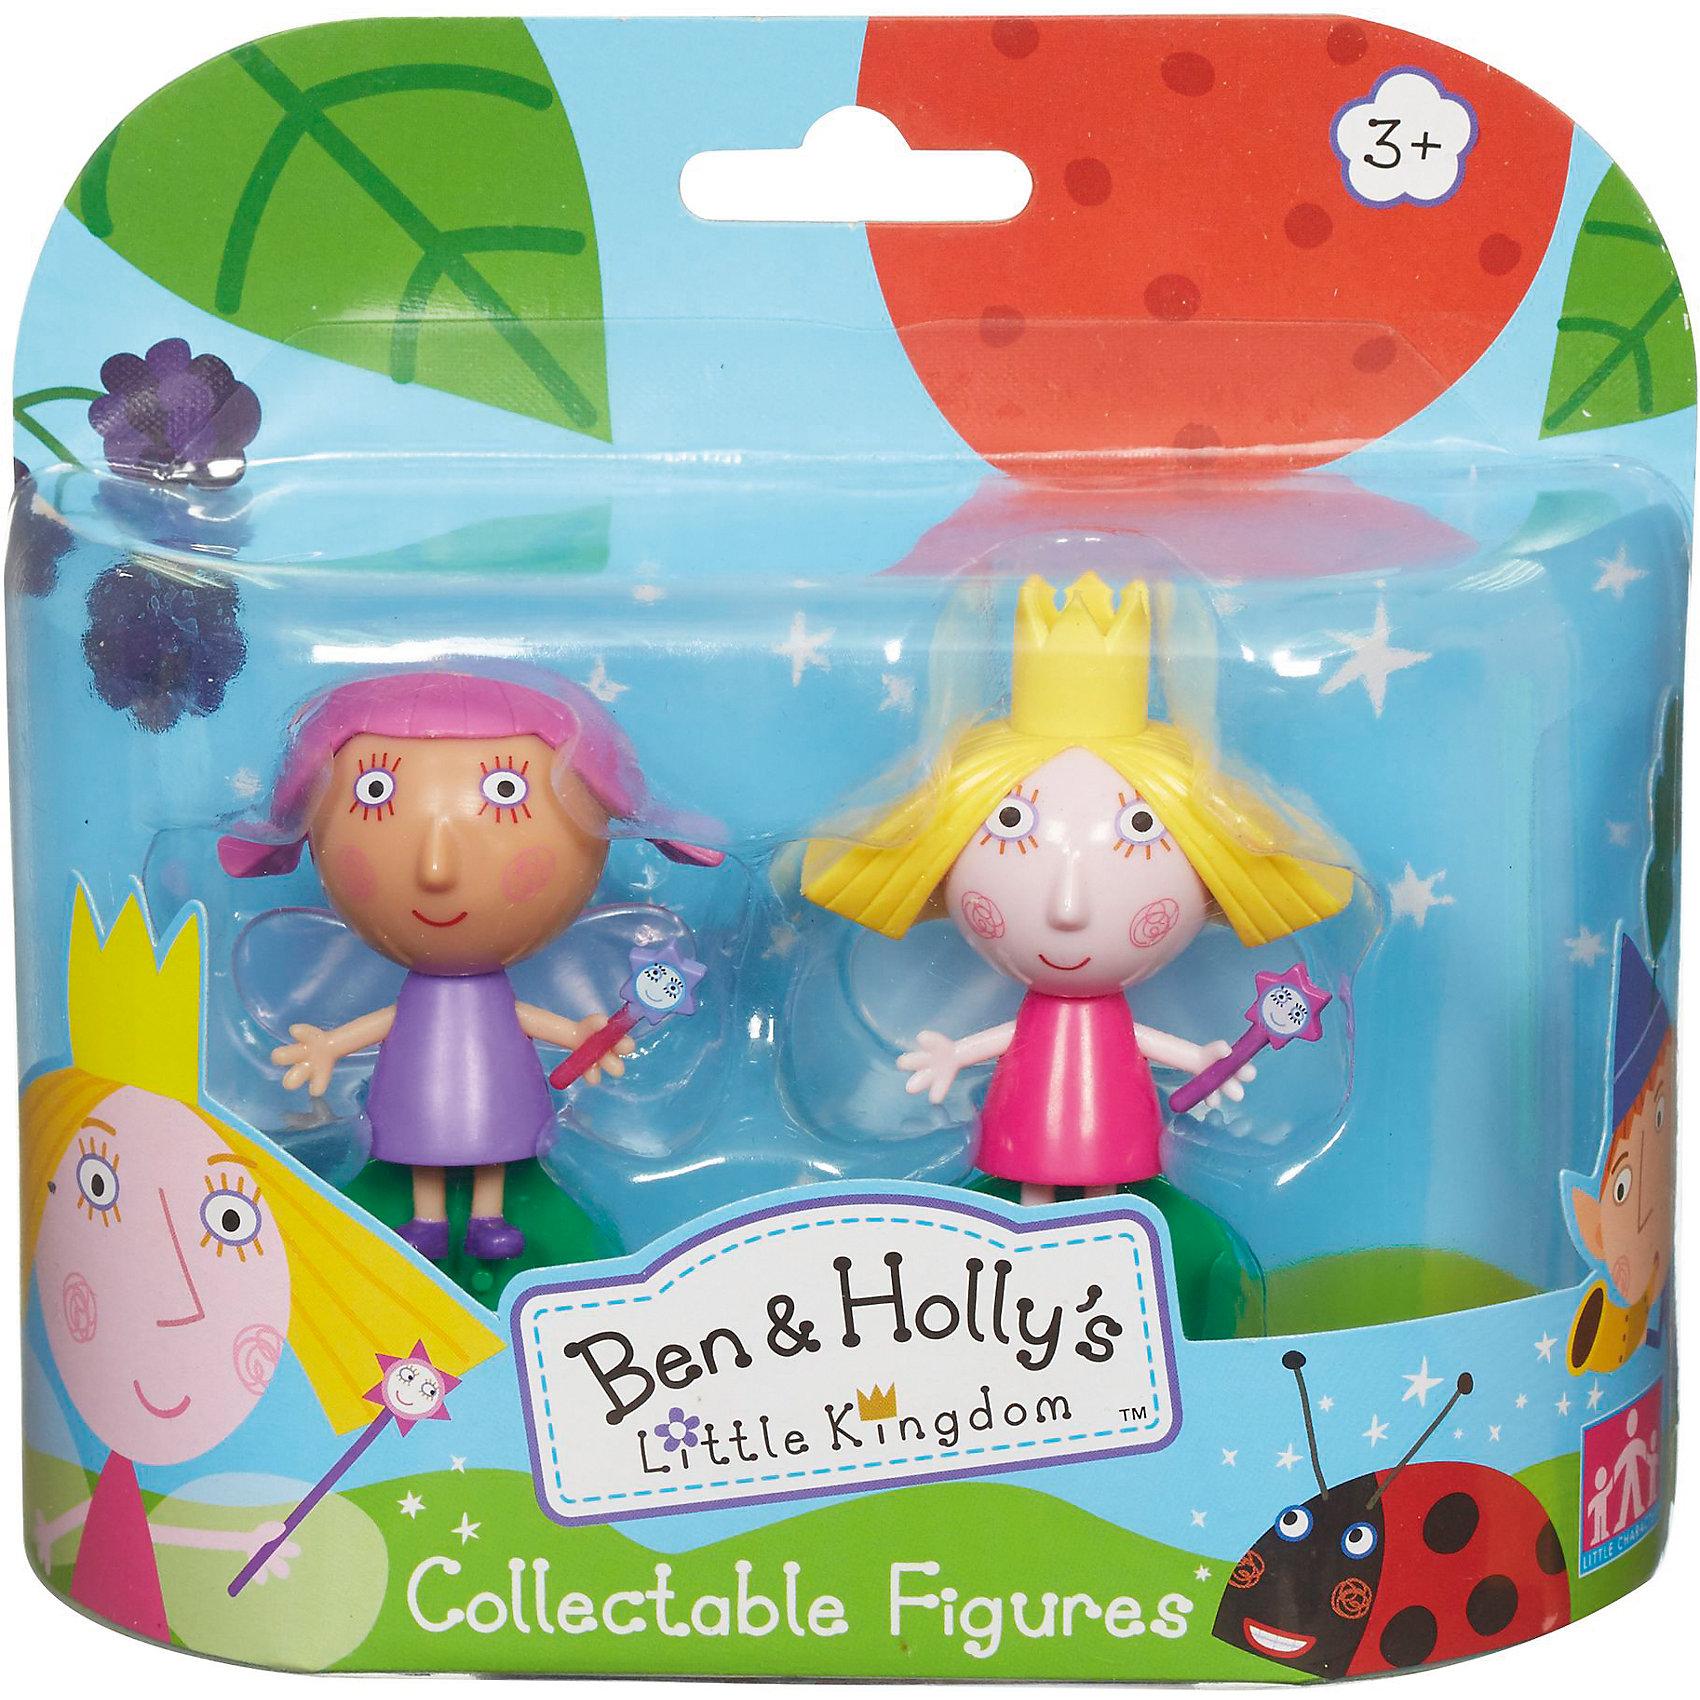 Игровой набор Холли и Вайолет, Бен и ХоллиИгровой набор Холли и Вайолет приведет в восторг любителей мультика Маленькое королевство Бена и Холли. В наборе есть фигуркиХолли и Вайолет с подвижными деталями. Благодаря двигающимся рукам и ногам героев, с ними можно придумать множество игр, тем более, чтоб малышам нужно будет активнее задействовать пальчики и творческое мышление!<br>Набор сделан из высококачественного пластика, который безопасен для малышей. Набор яркий, очень симпатично смотрится. Он будет отличным подарком ребенку! Подобные игрушки отлично помогают развитию у детей воображения и моторики.<br><br>Дополнительная информация:<br><br>цвет: разноцветный;<br>материал: пластик;<br>комплектация: фигурки Холли и Вайолет;<br>размер фигурки: 6 см;<br>размер упаковки: 14,5 х 15,5 х 5 см.<br><br>Игровой набор Холли и Вайолет от бренда Бен и Холли можно приобрести в нашем интернет-магазине.<br><br>Ширина мм: 145<br>Глубина мм: 155<br>Высота мм: 50<br>Вес г: 118<br>Возраст от месяцев: 36<br>Возраст до месяцев: 2147483647<br>Пол: Унисекс<br>Возраст: Детский<br>SKU: 4970300